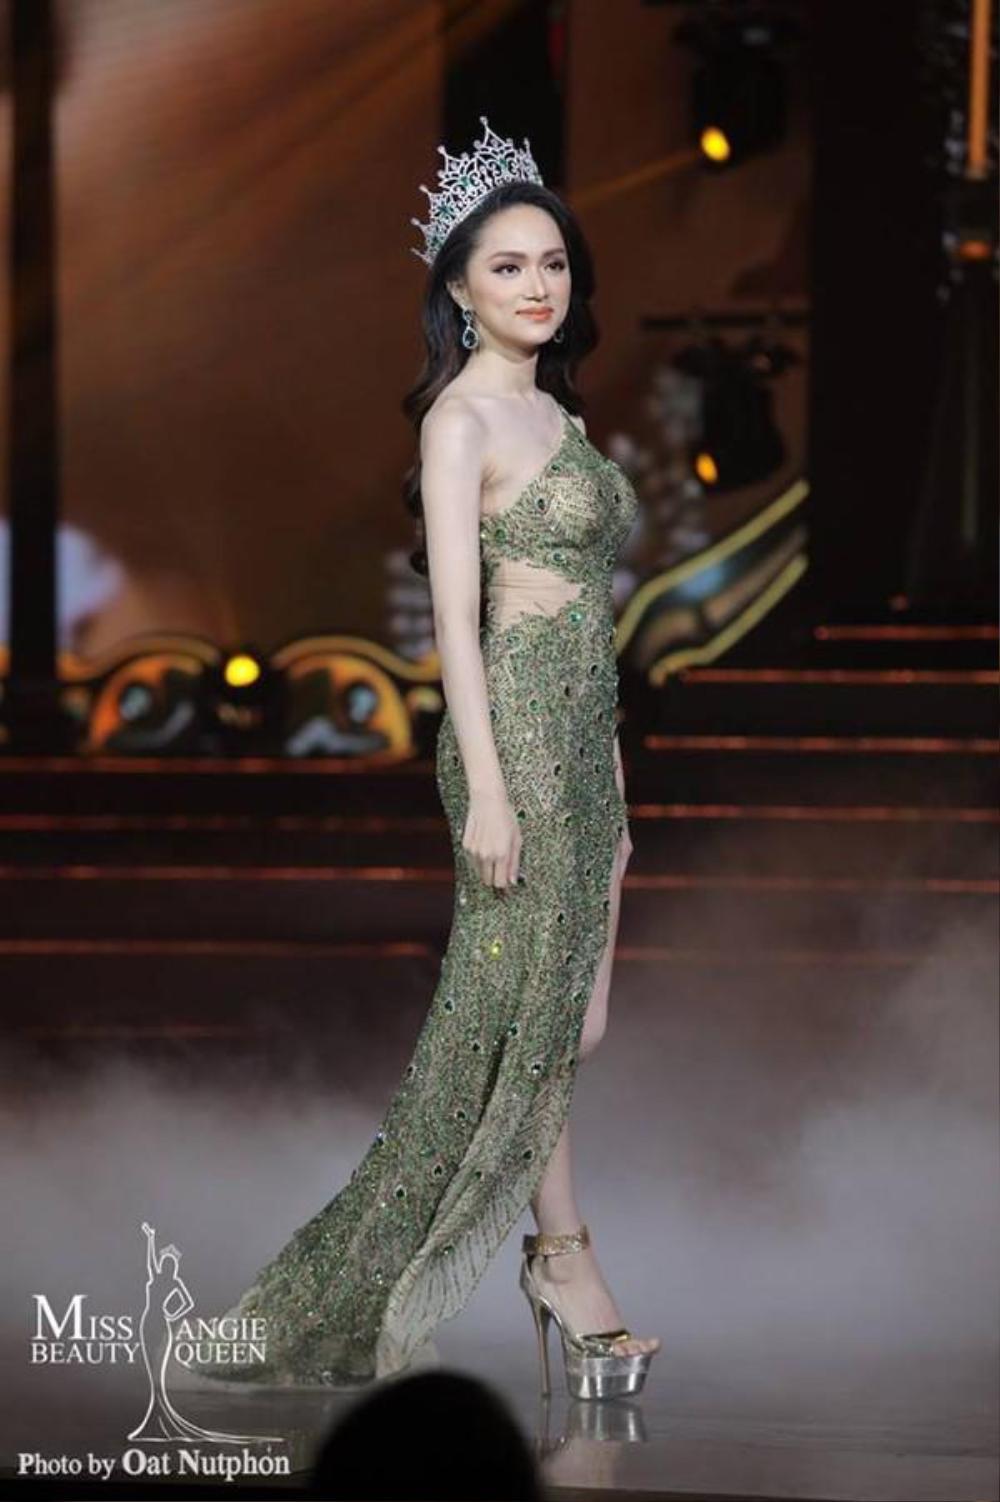 Final walk đẫm nước mắt của Hoa hậu Việt, H'Hen Niê làm fan quốc tế chao đảo Ảnh 13